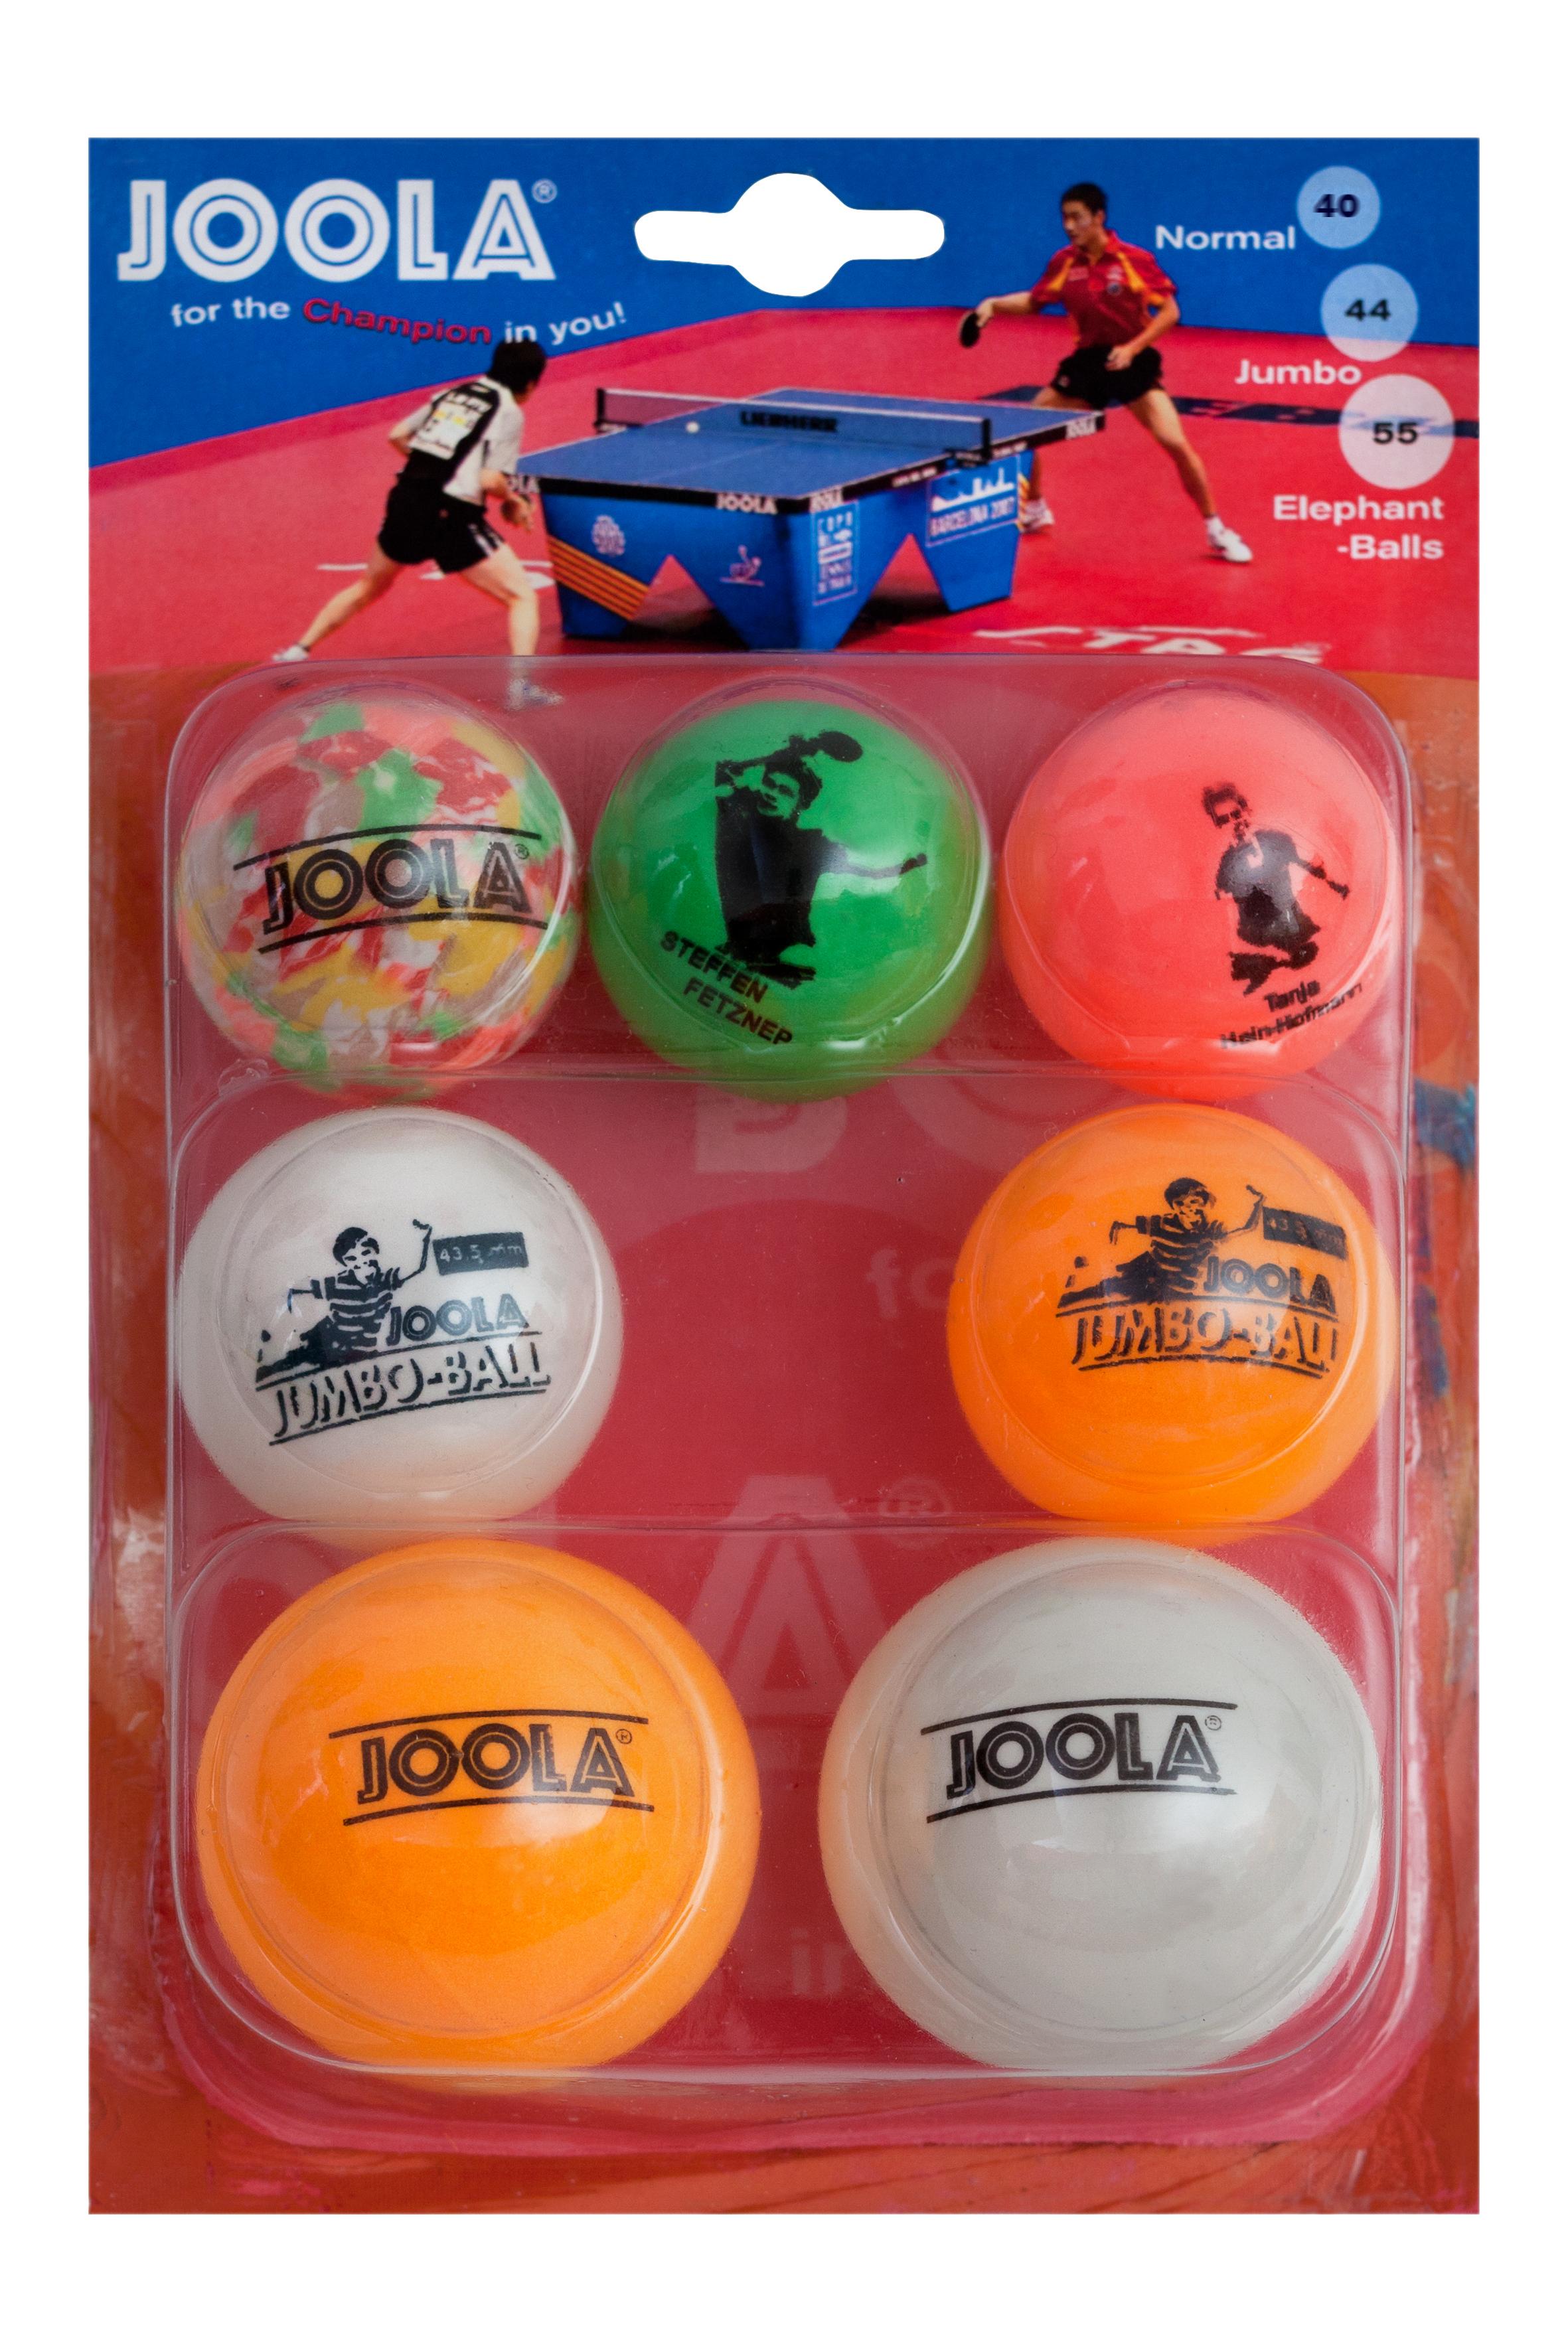 joola-set-balle-gro-e-tischtennisballe